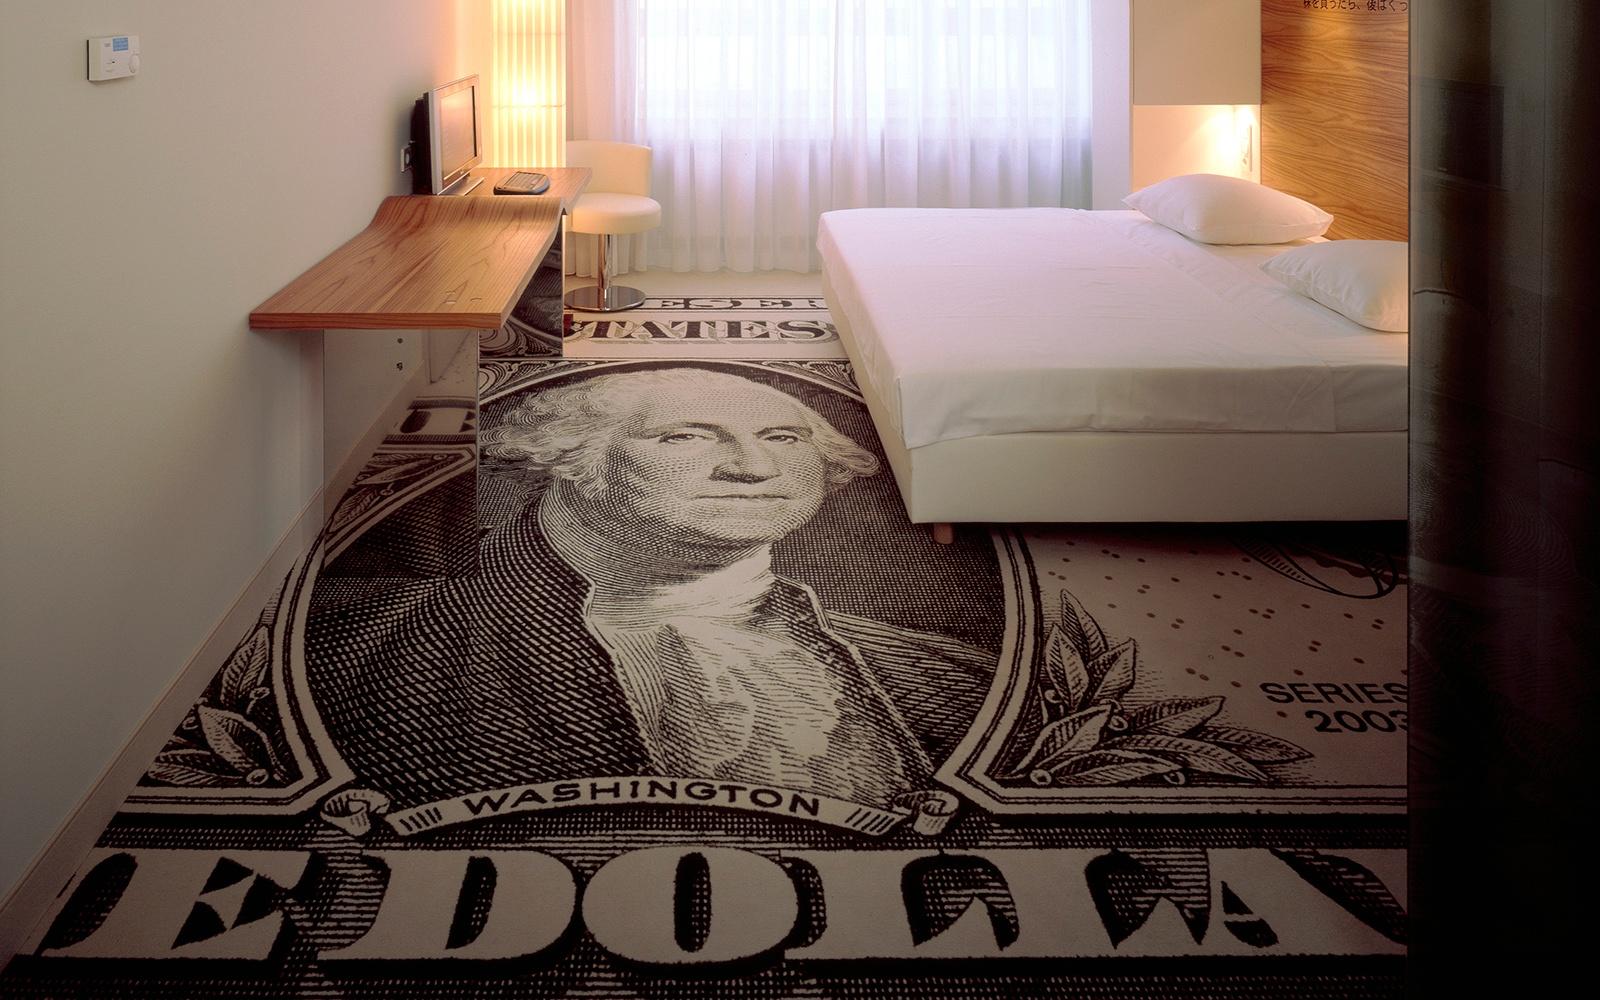 Hotelzimmer mit außergewöhnlichem Teppich mit full-size Dollarschein Print